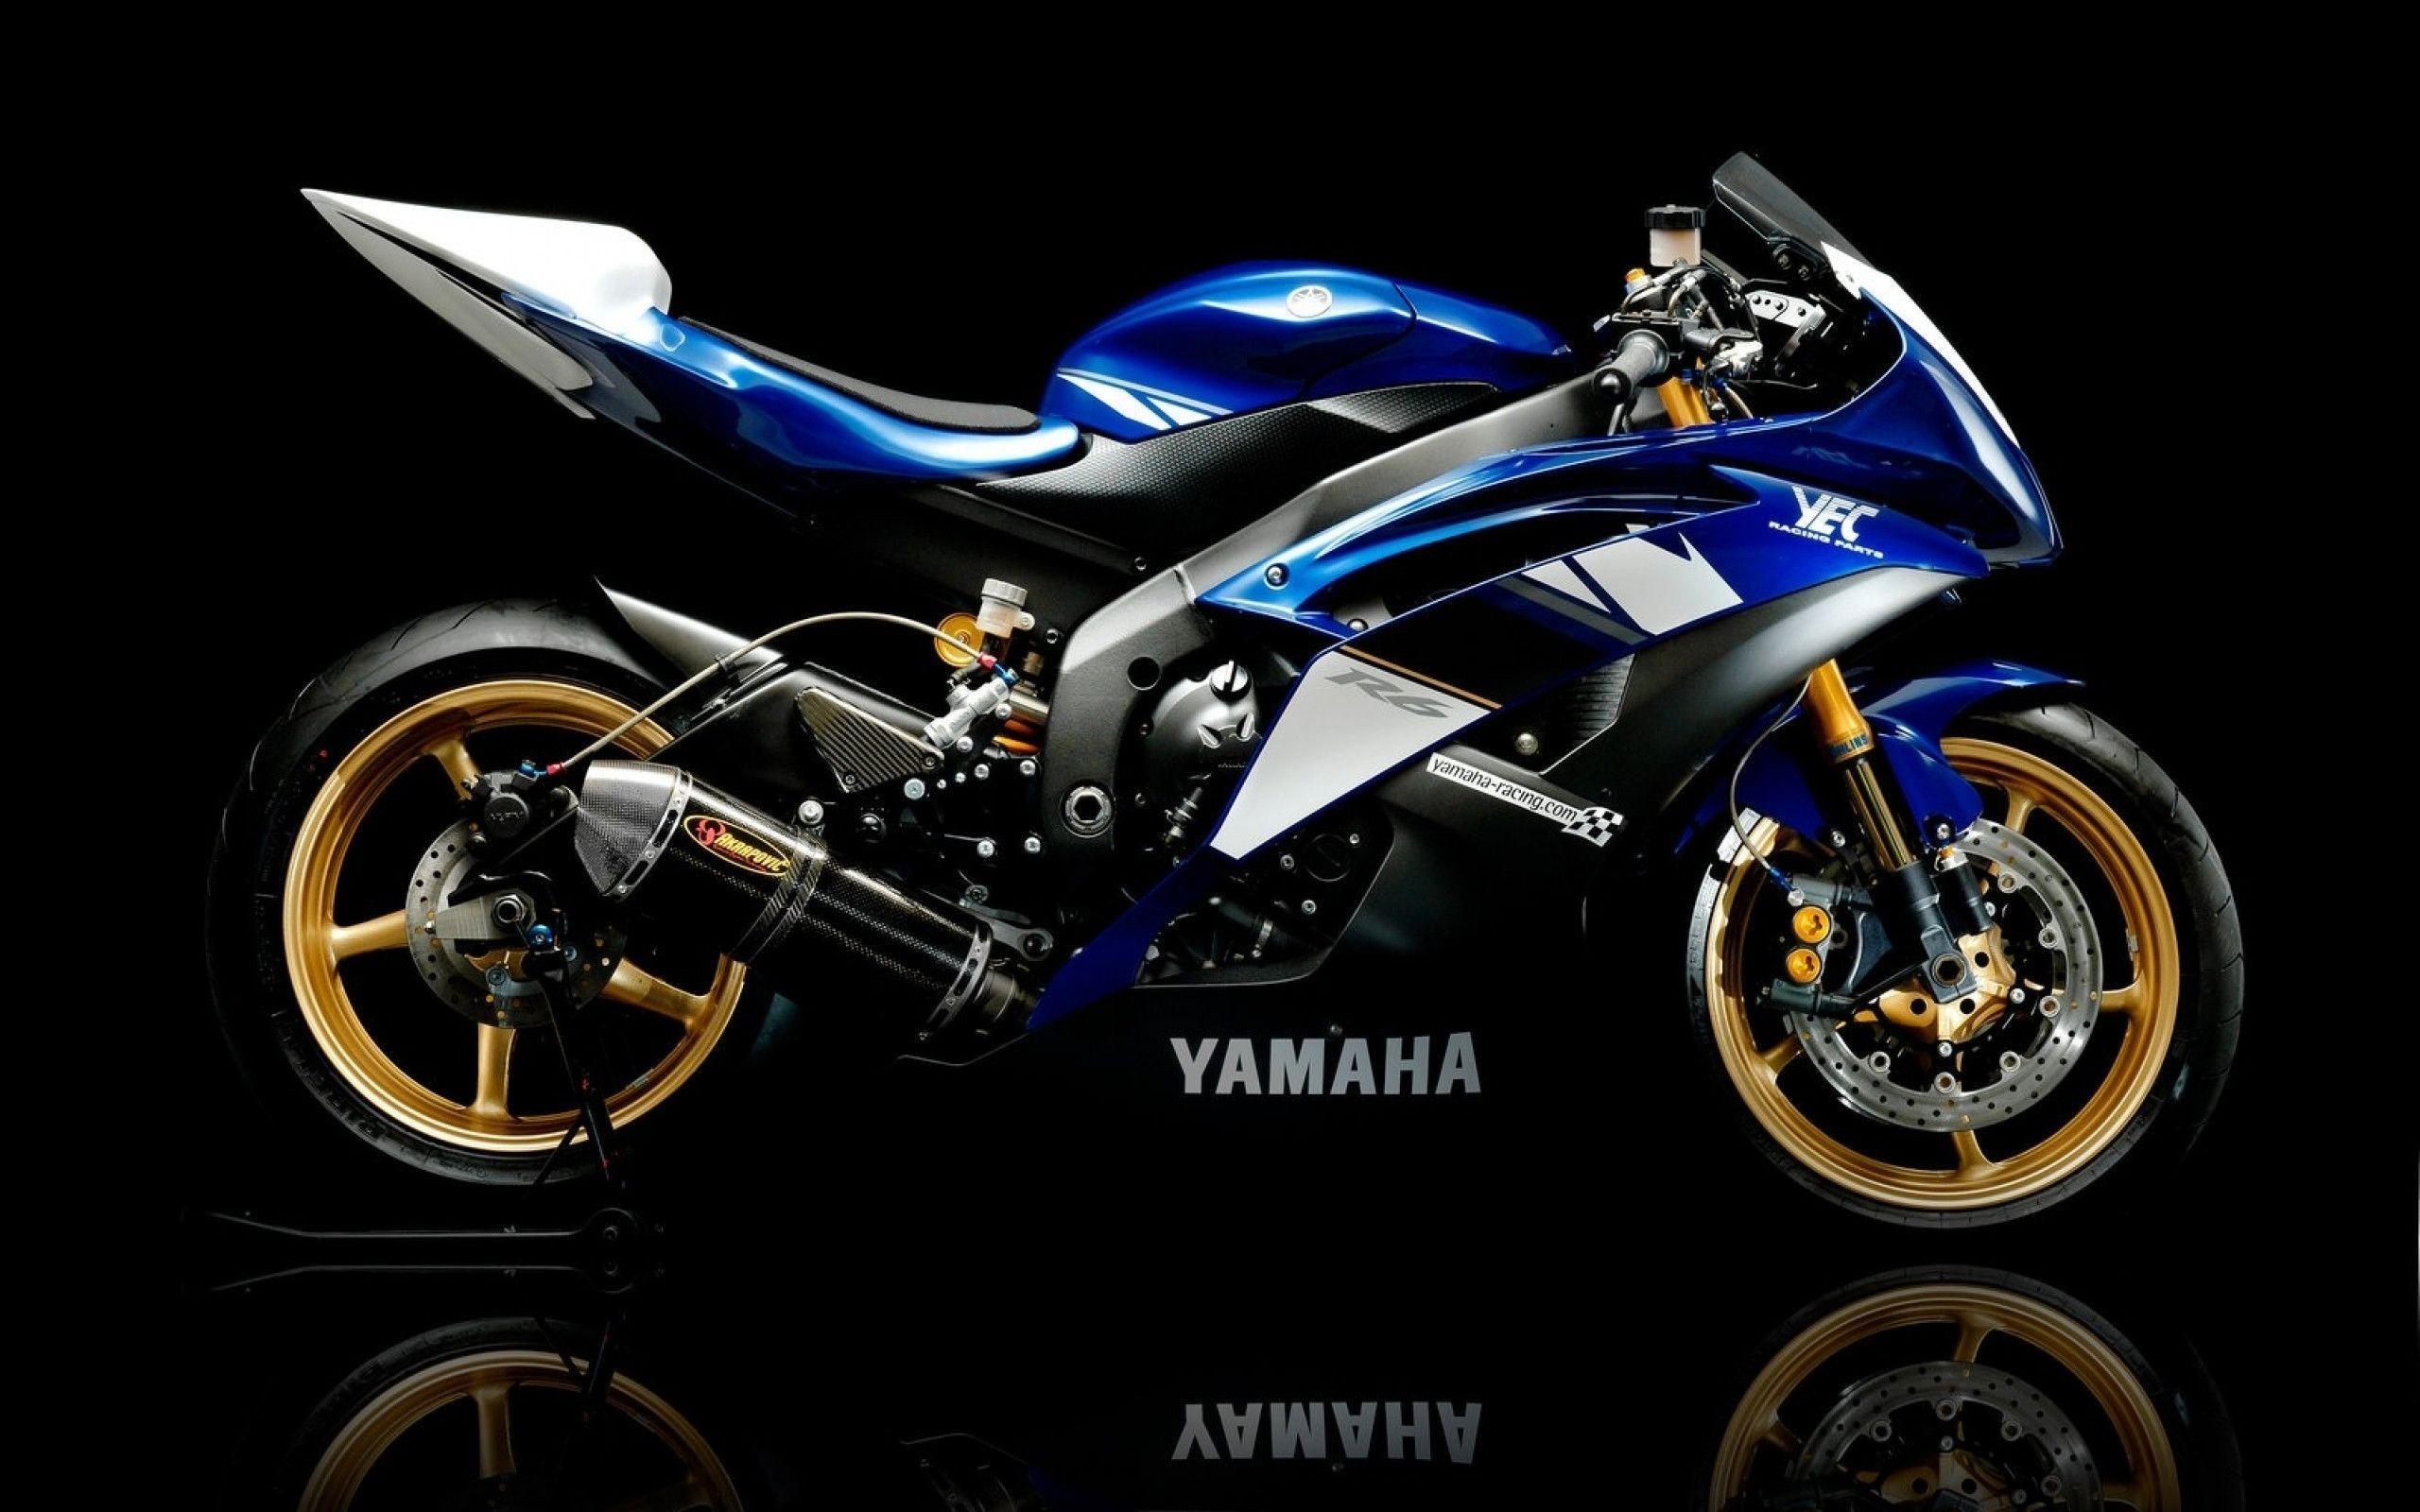 Yamaha YZF-R6 2017 Unveiled Yamaha (Finally) Unveils New YZF-R6 Yamaha